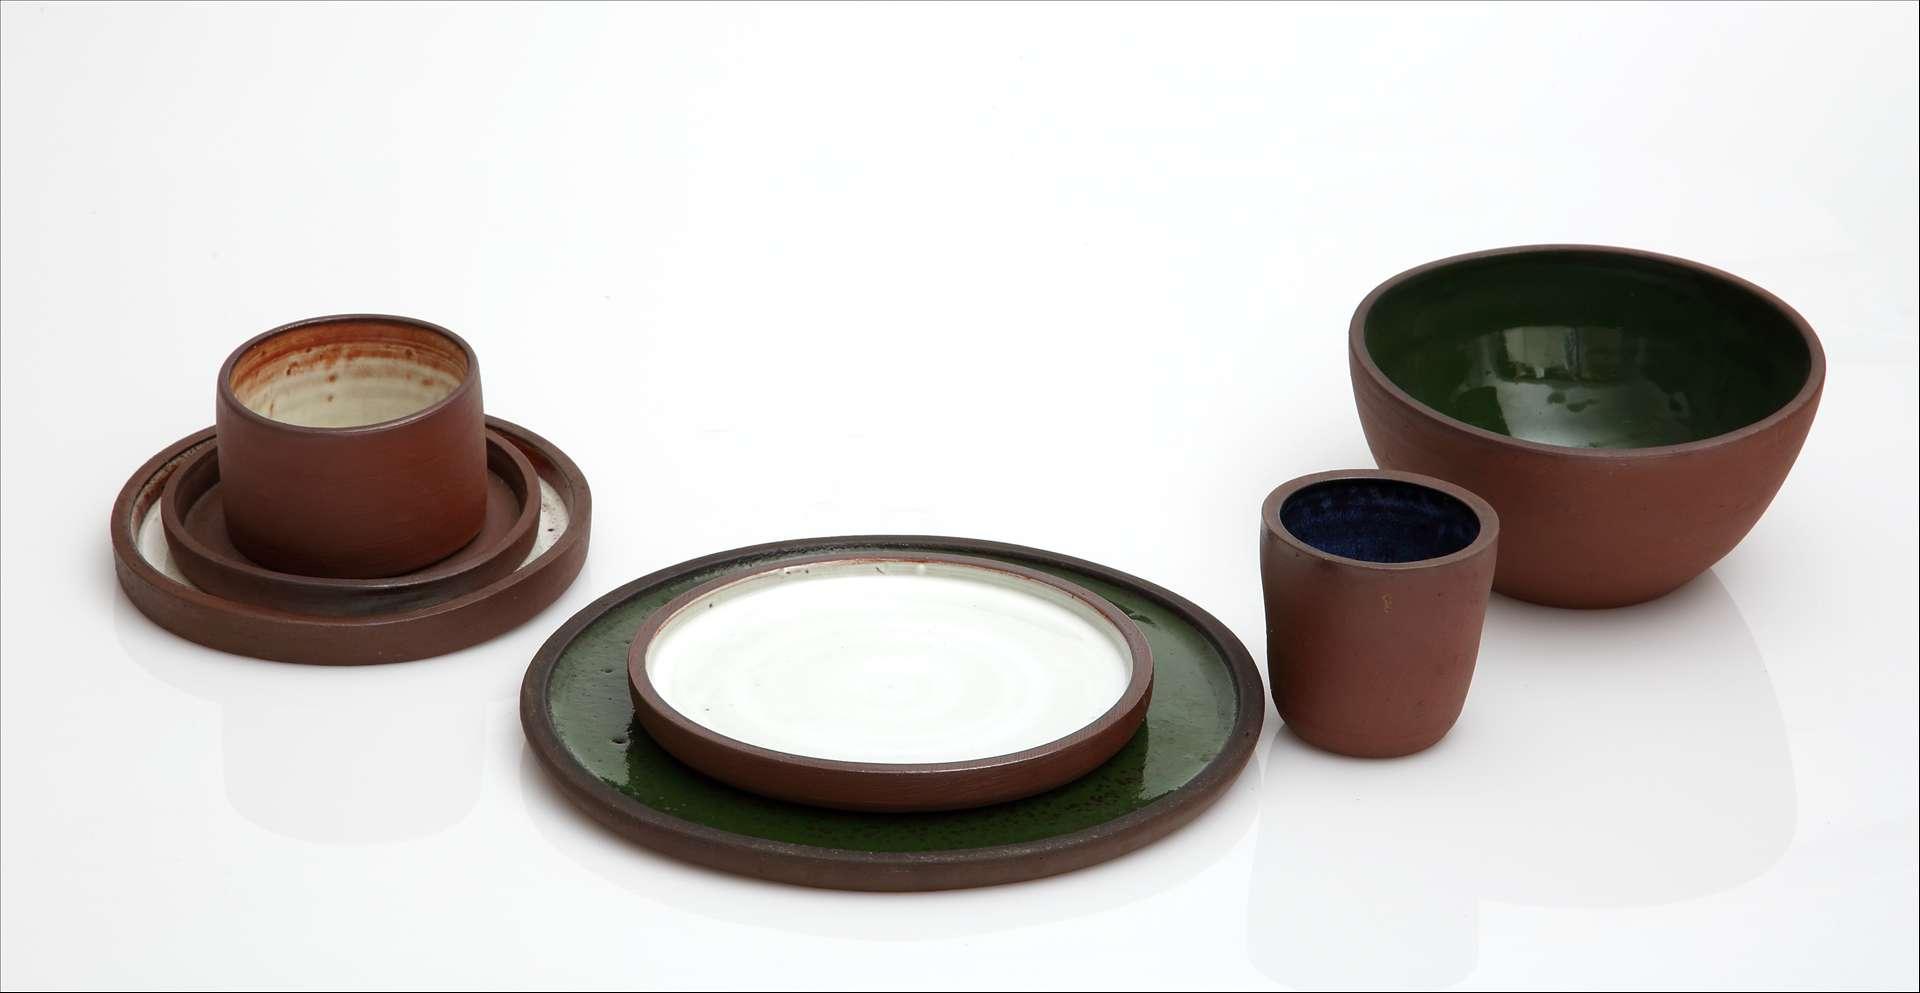 'Zajedničko sudjelovanje na važnim izložbama u inozemstvu i u zemlji zbližit će keramičare i arhitekte, dodatno motivirati slikare i kipare za eksperimente u mediju keramike te pozicionirati keramičare na dinamičnoj likovnoj sceni 1960-ih.' (Autorska keramika šezdedetih, dr. sc. Marina Bagarić)